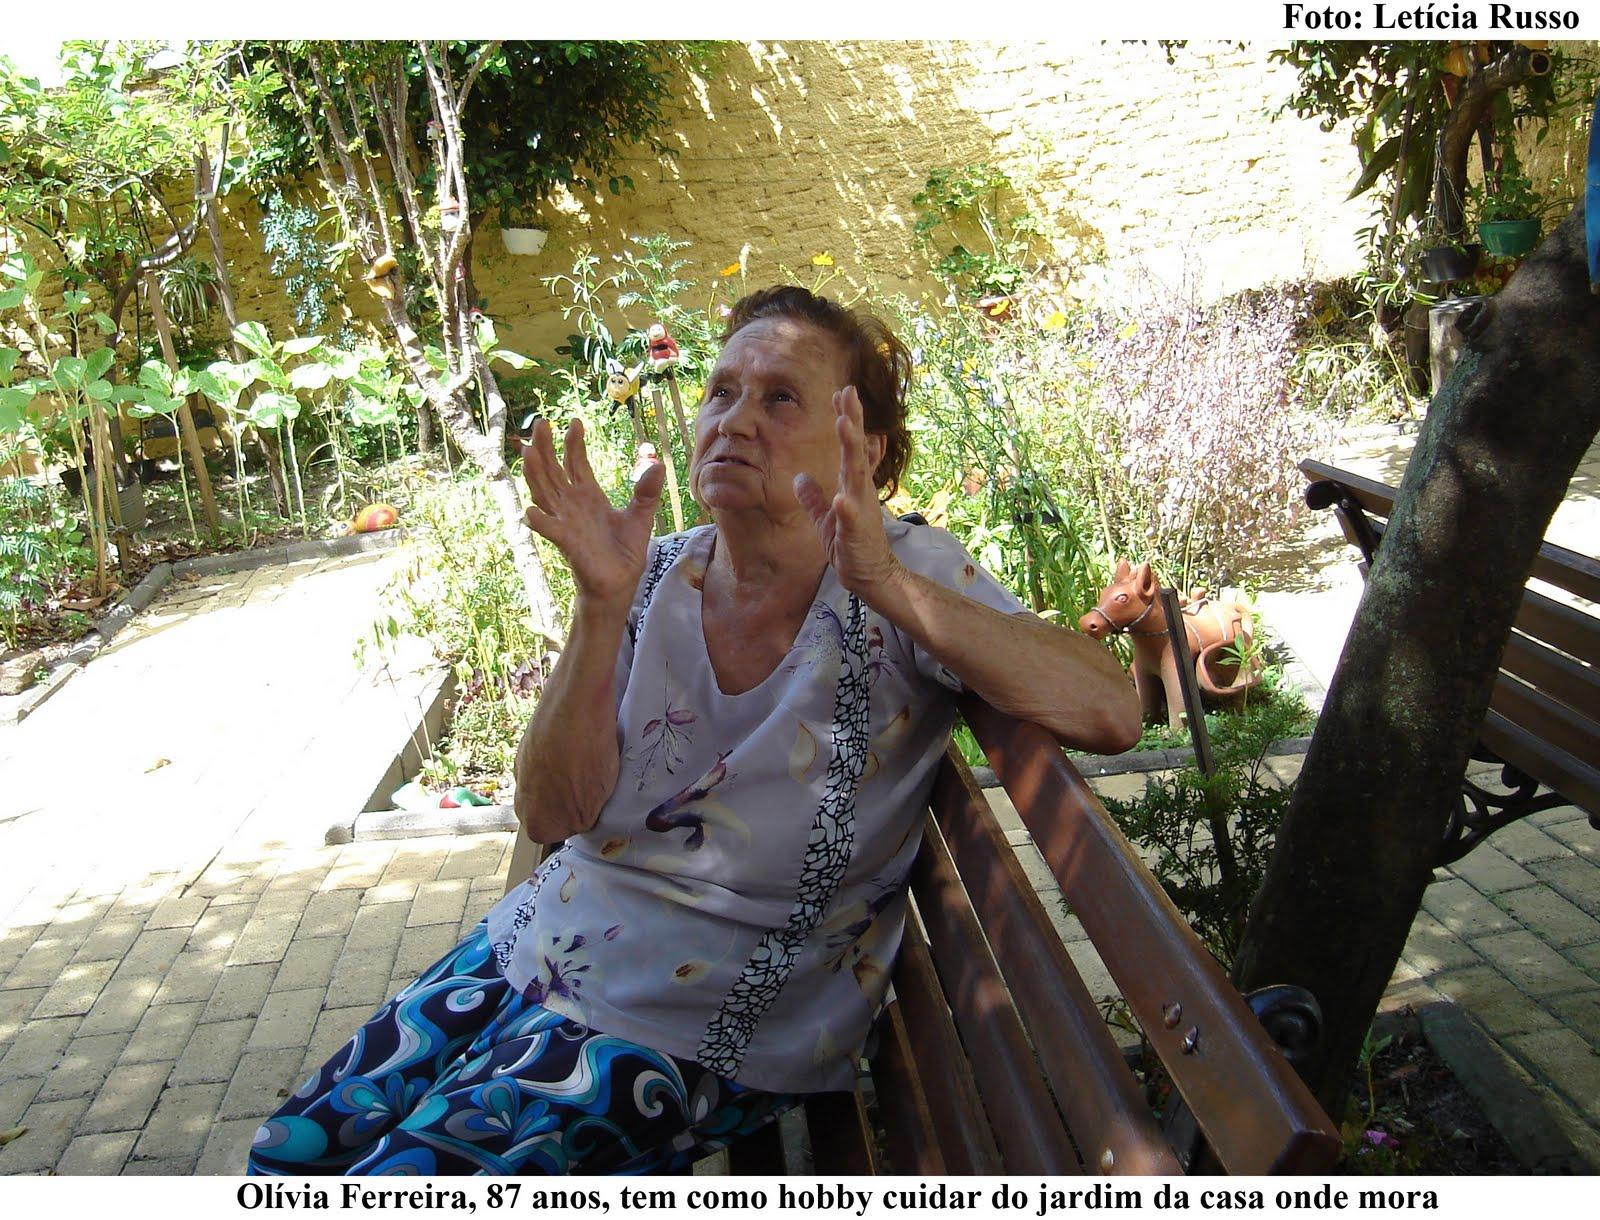 http://1.bp.blogspot.com/_PvB9ly0gfvk/TNef7ncJ6lI/AAAAAAAAAAU/SbfhBzUlKNU/s1600/olivia.jpg